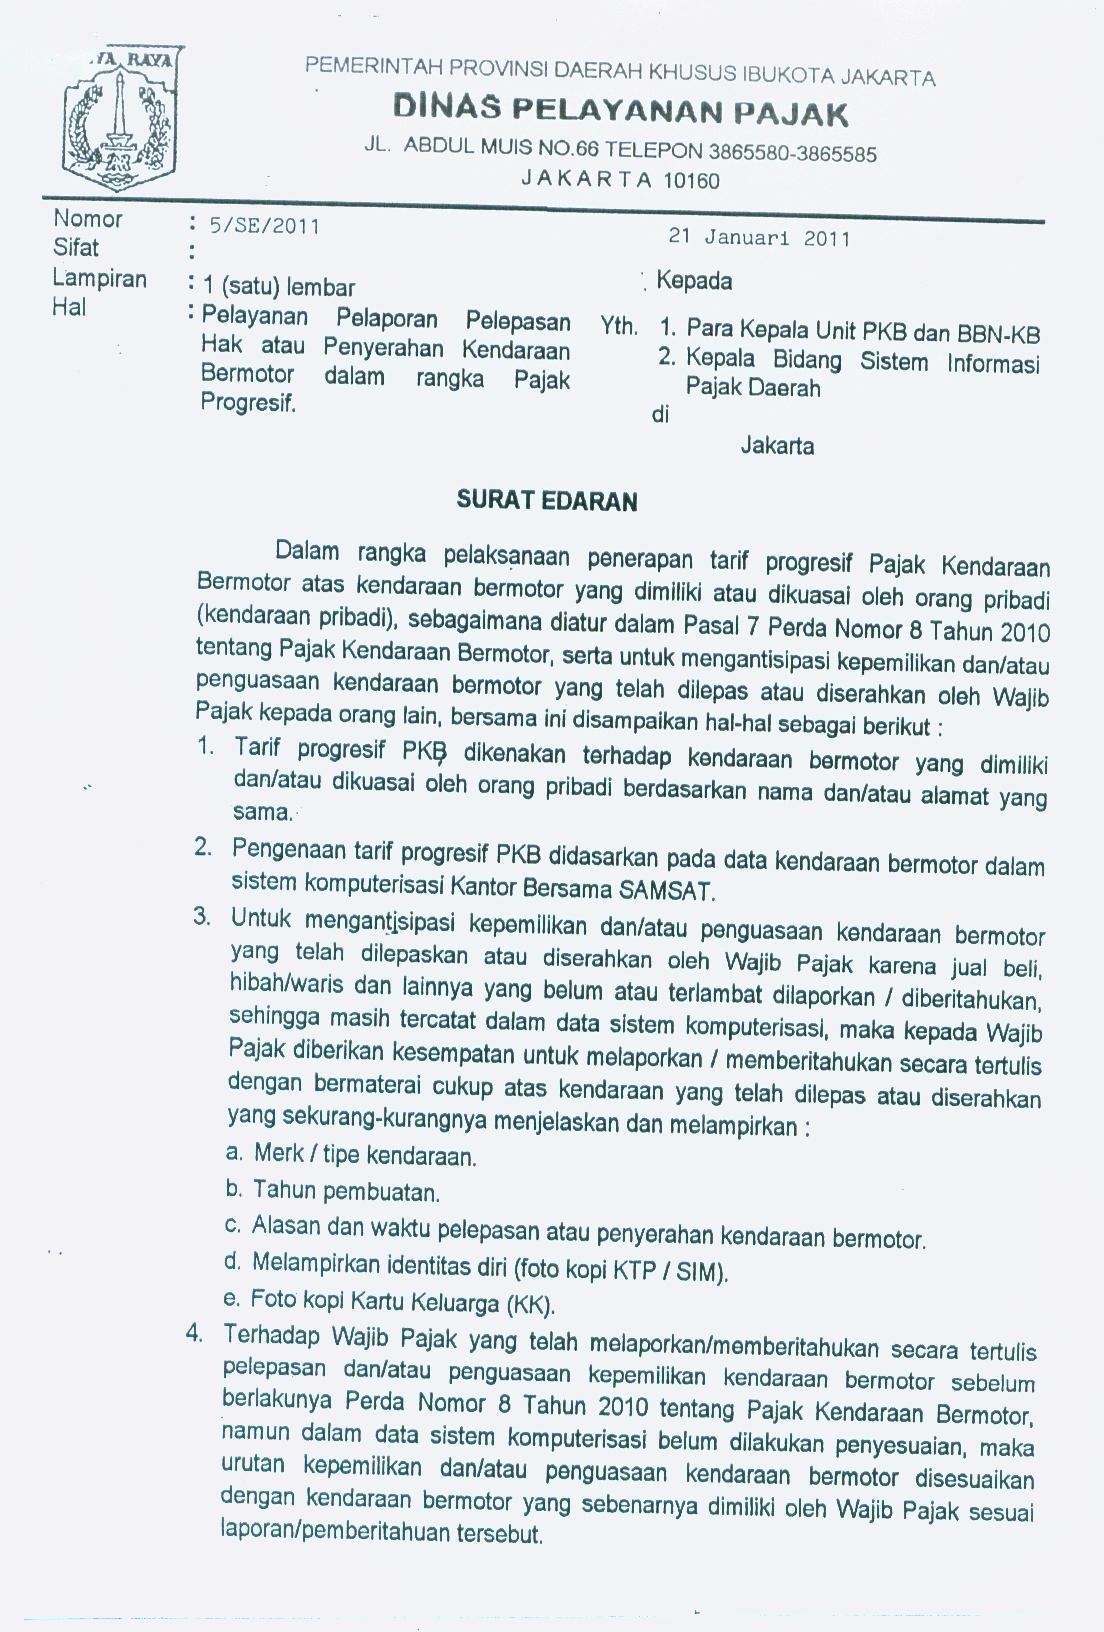 Surat Edaran Dinas Pelayanan Pajak Dki Jakartajpg Picture